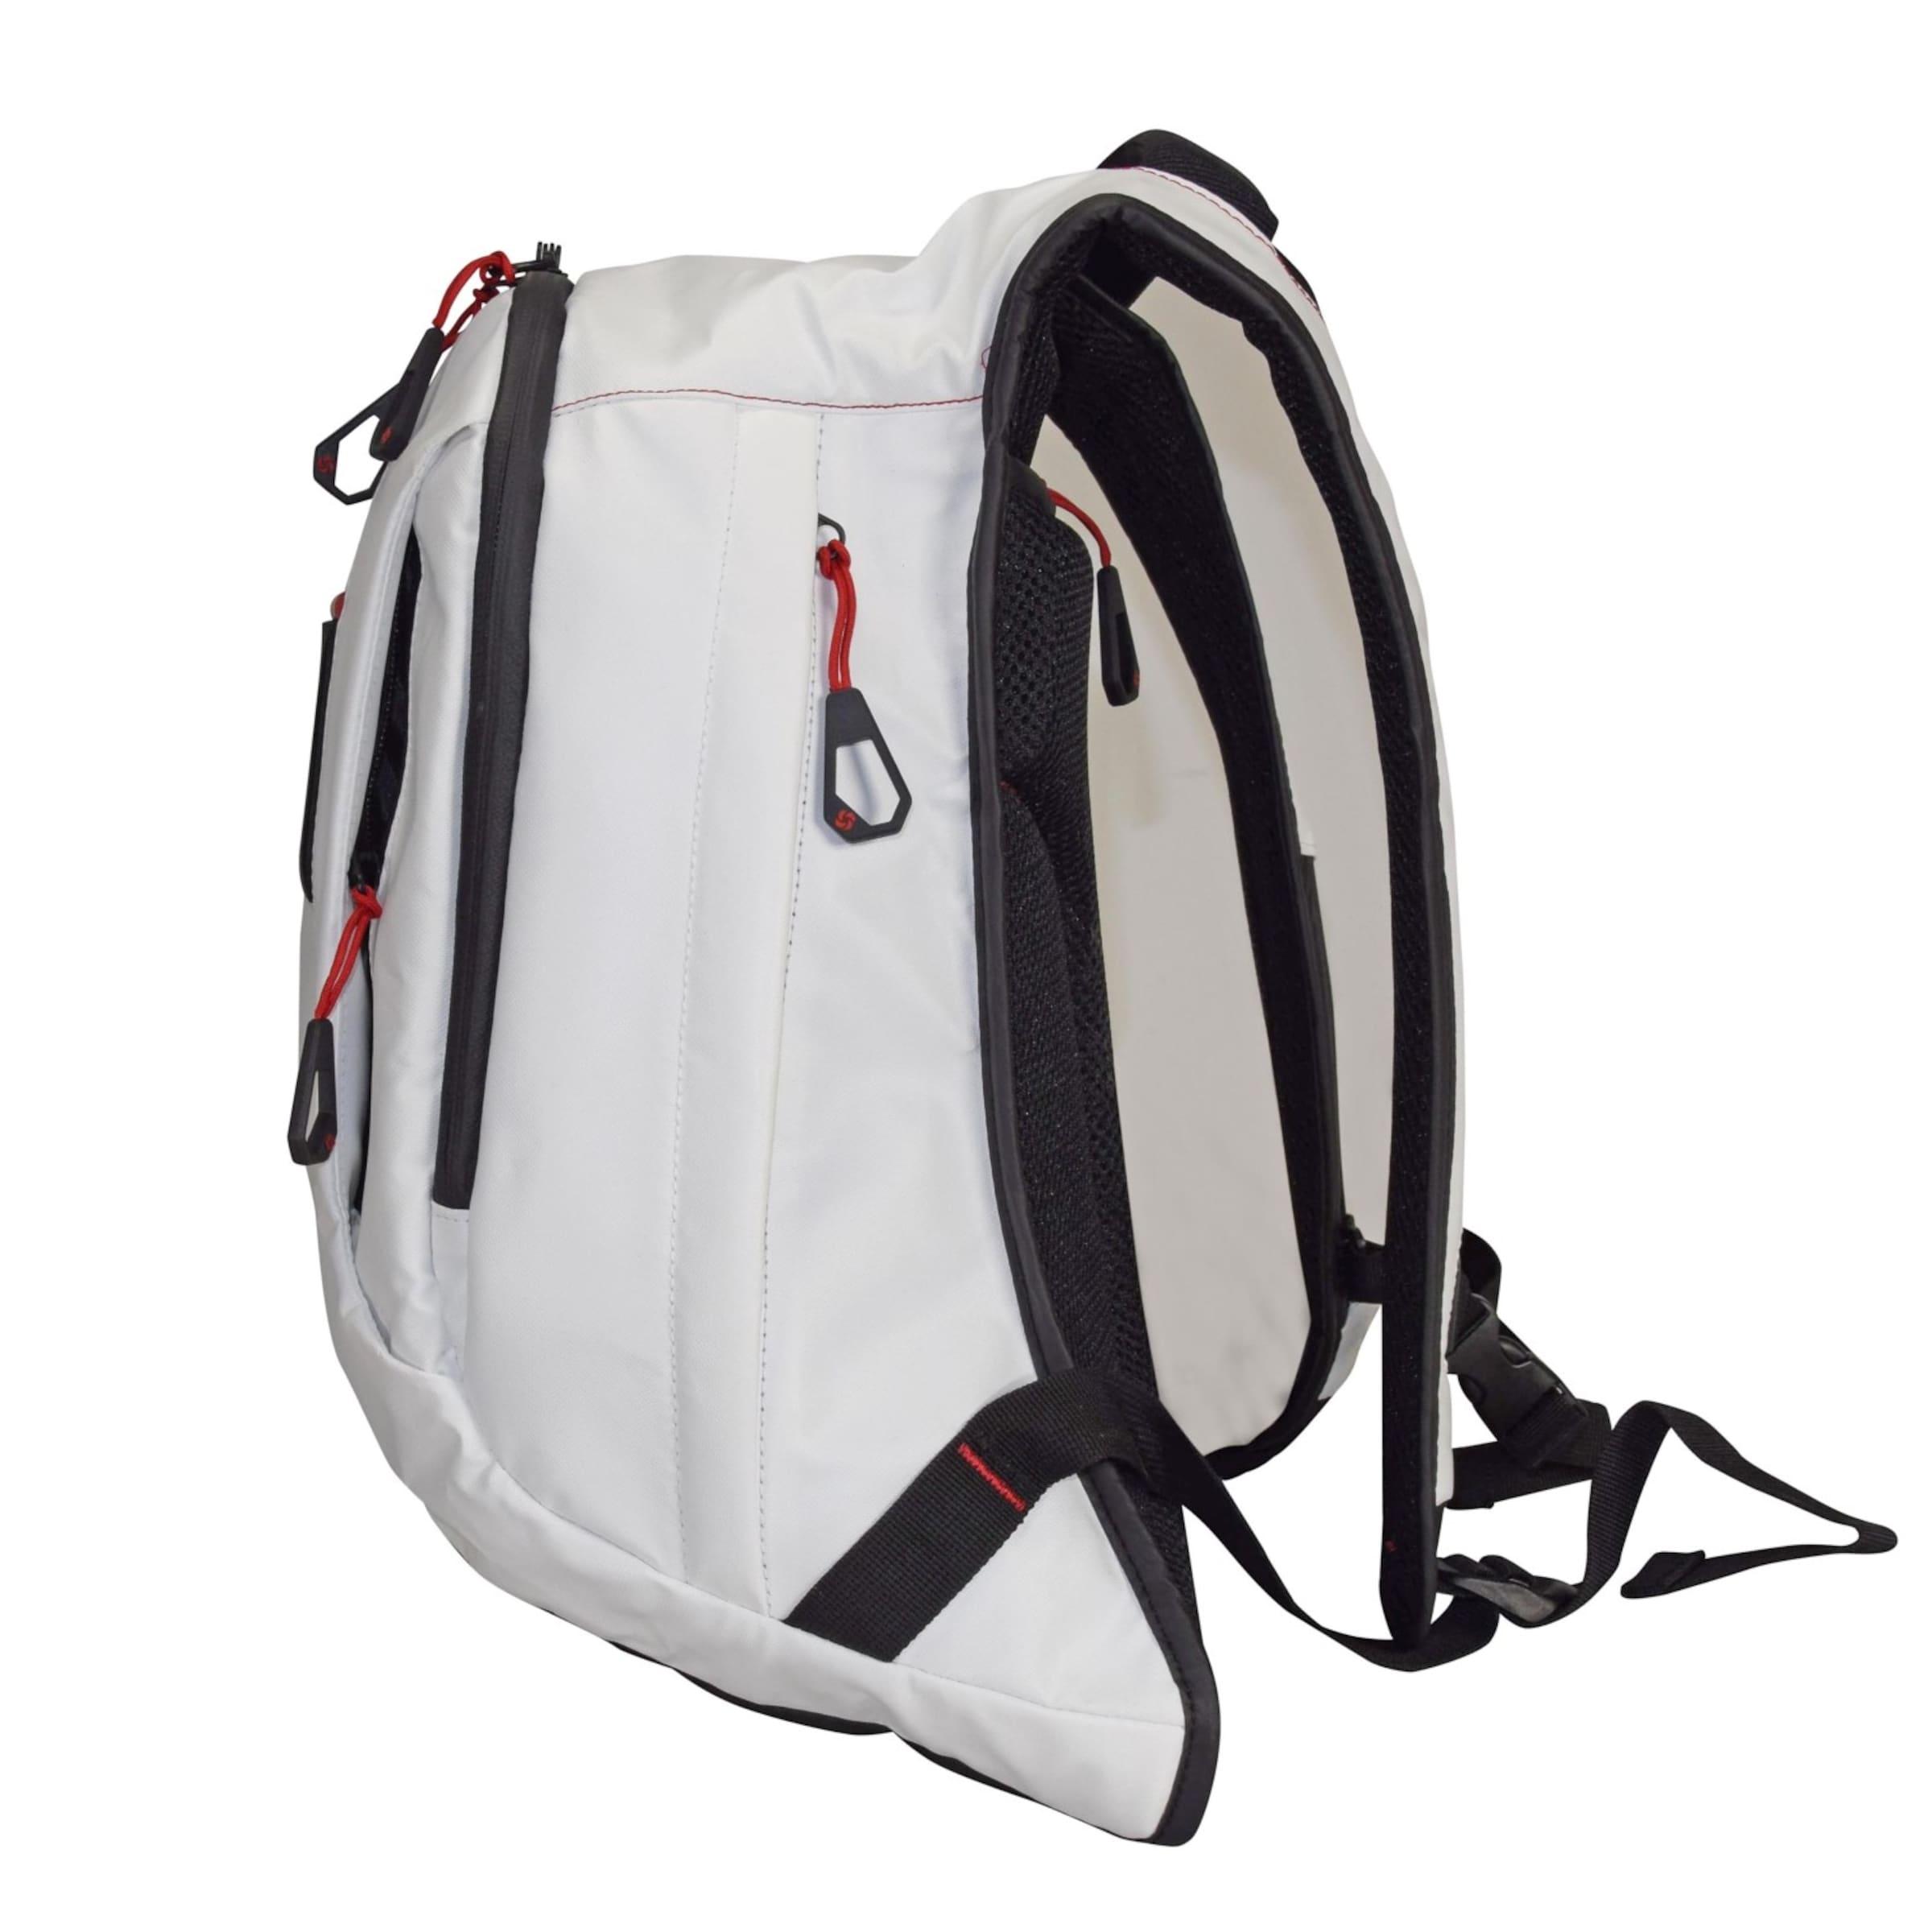 Viele Arten Von Verkauf 2018 SAMSONITE Paradiver Light Rucksack 40 cm Ii3Ea